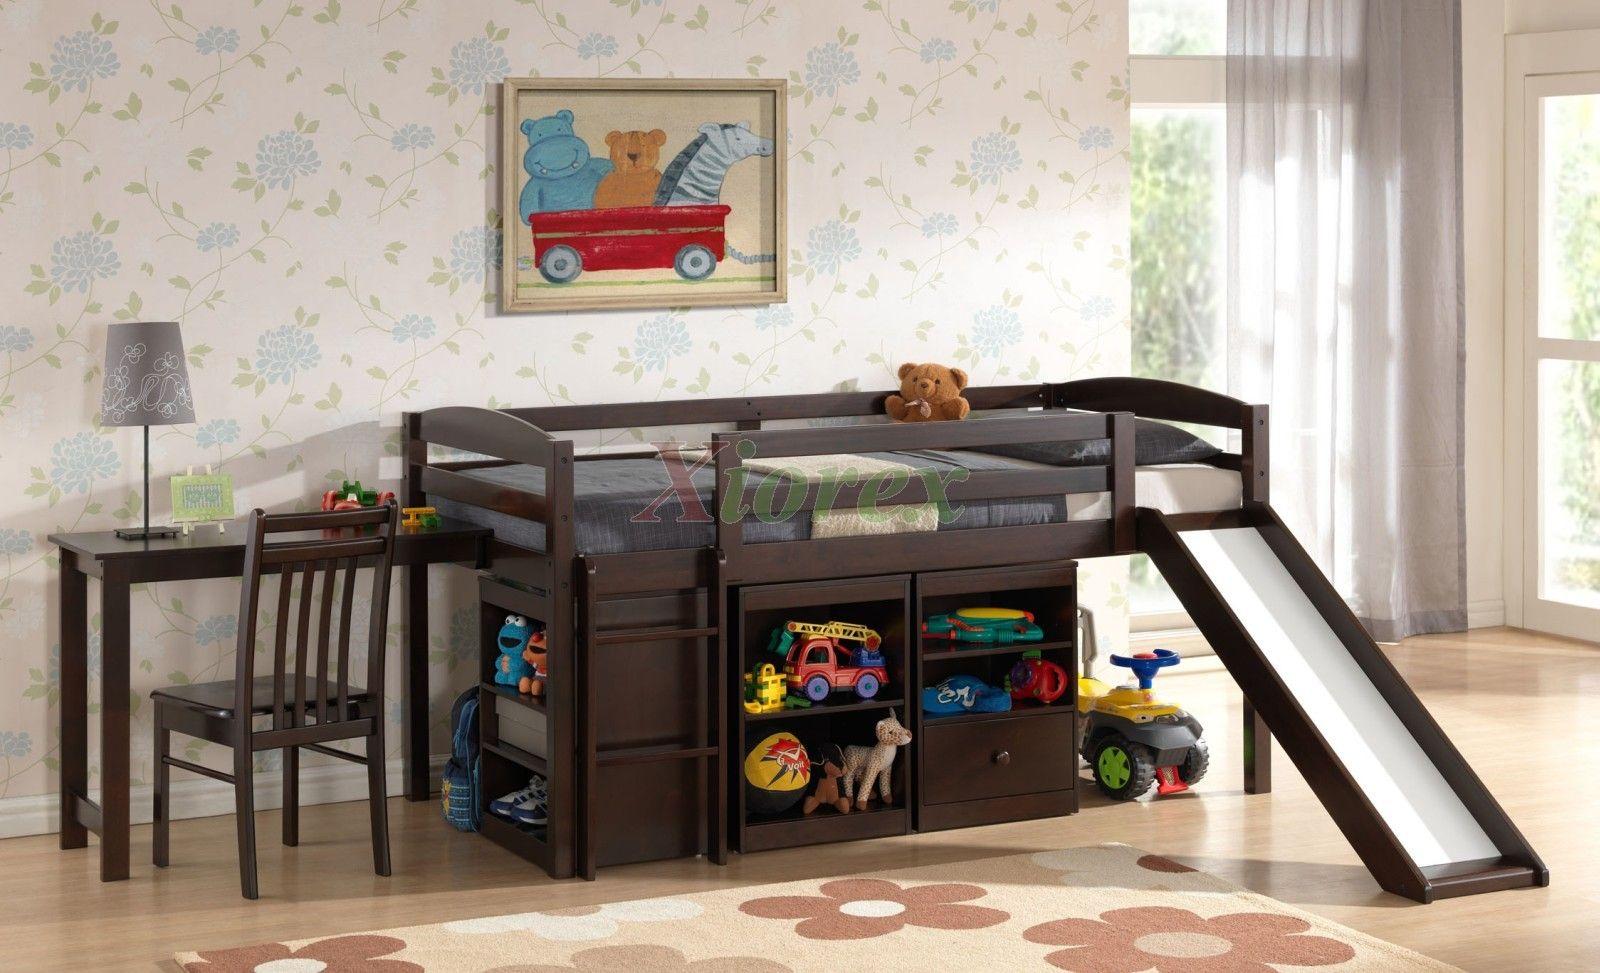 Mulberry Boys & Girls Cabin Loft Beds with Slide, Desk